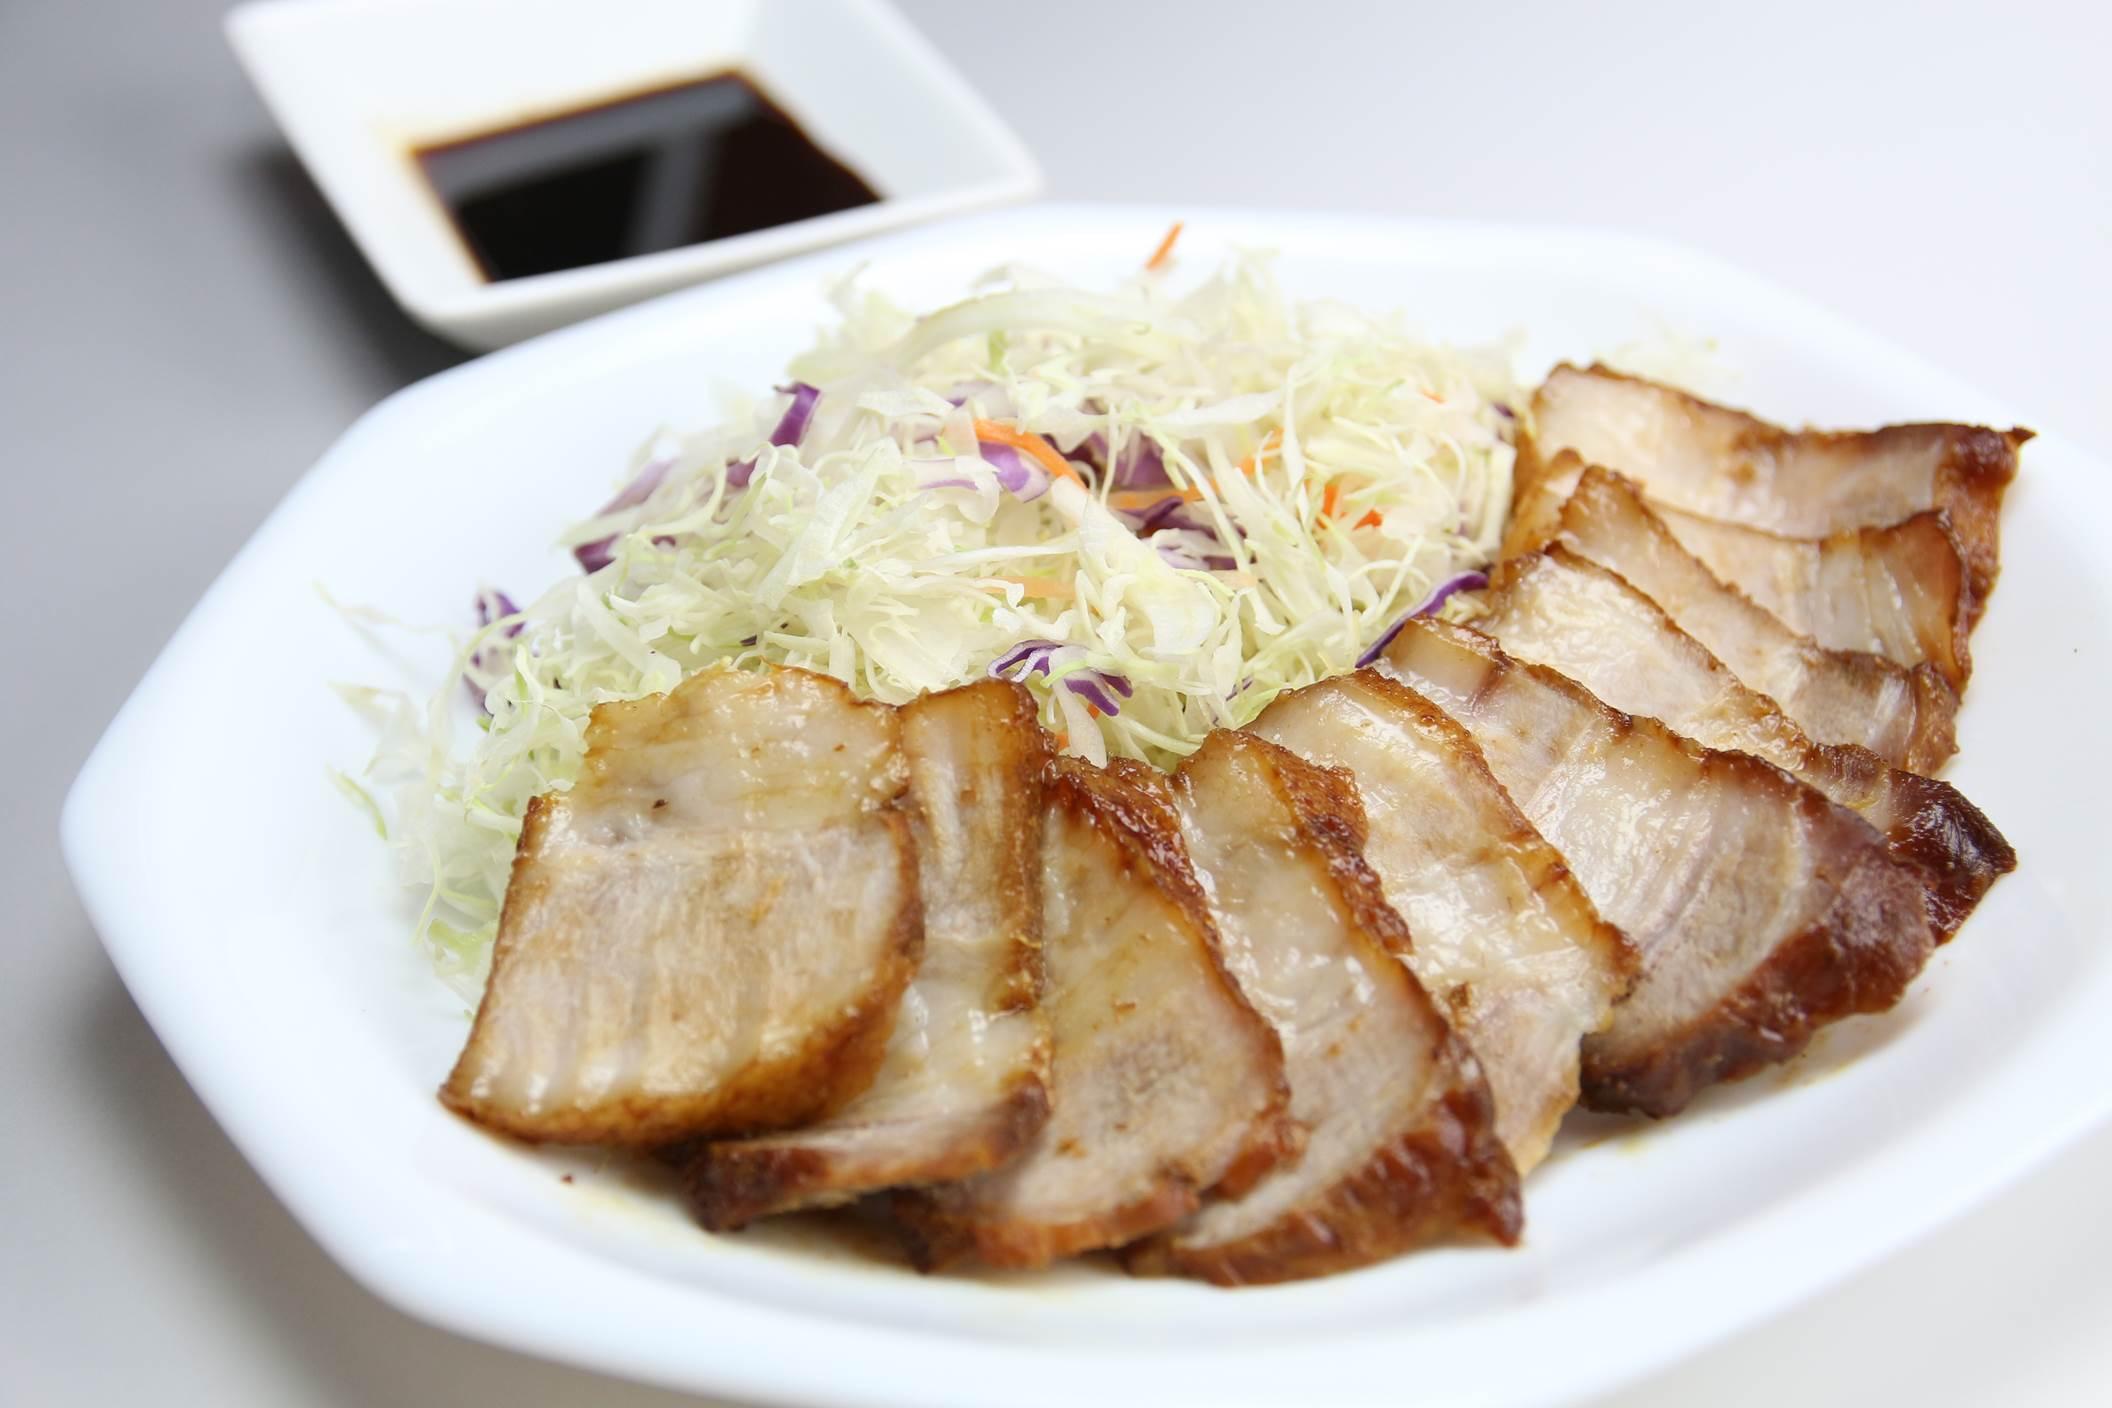 志ぐれ煮煮豚175g×2(タレ付き)(イメージ画像です)